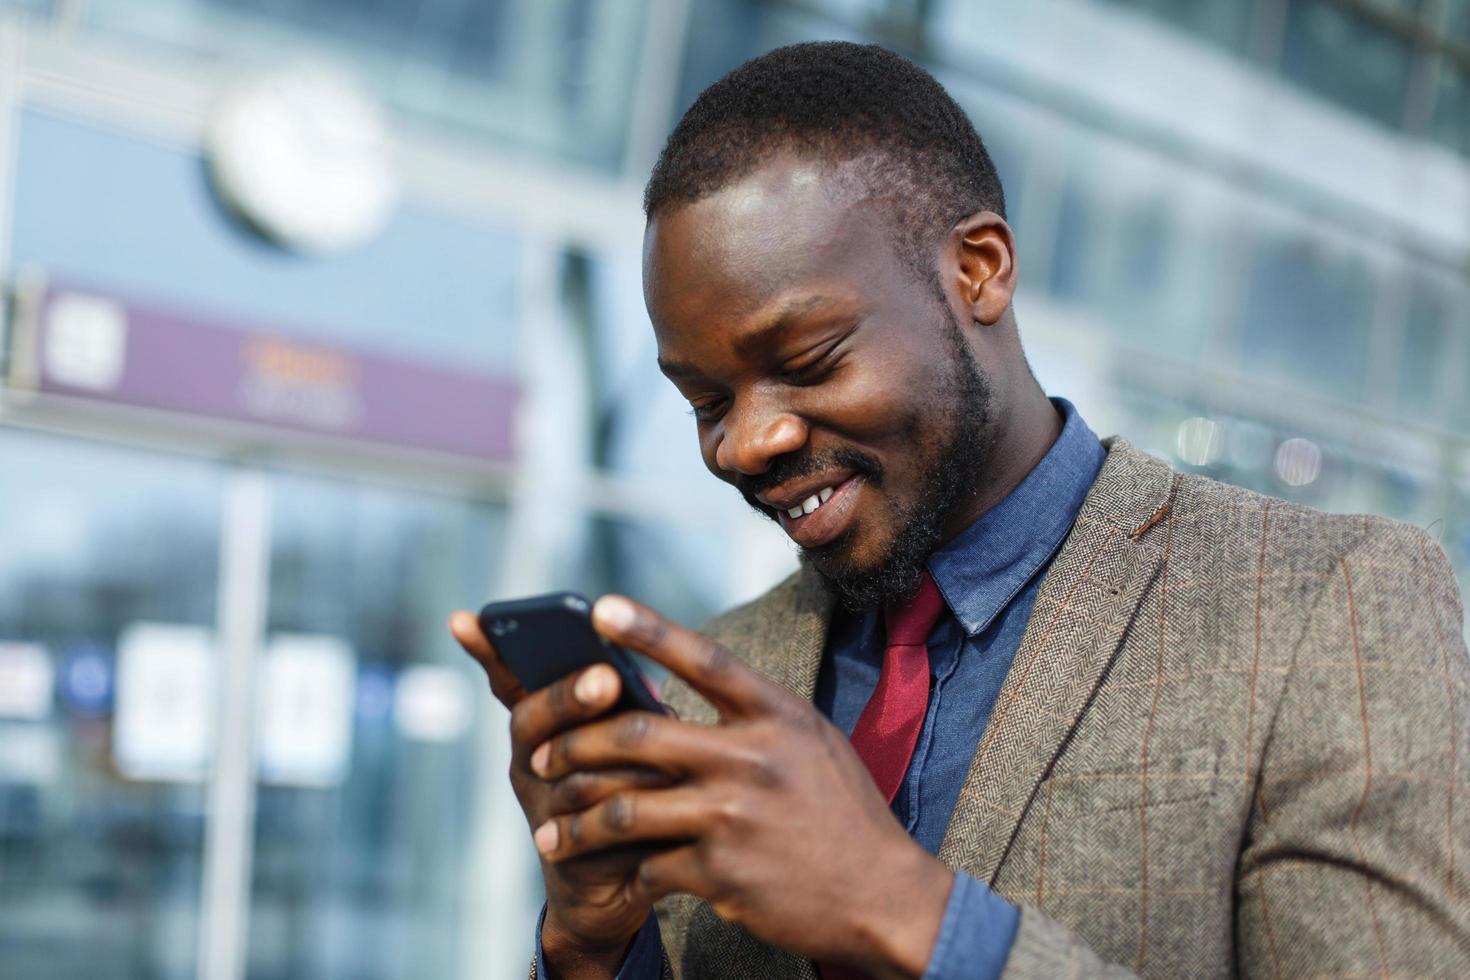 homme souriant tout en envoyant des SMS photo